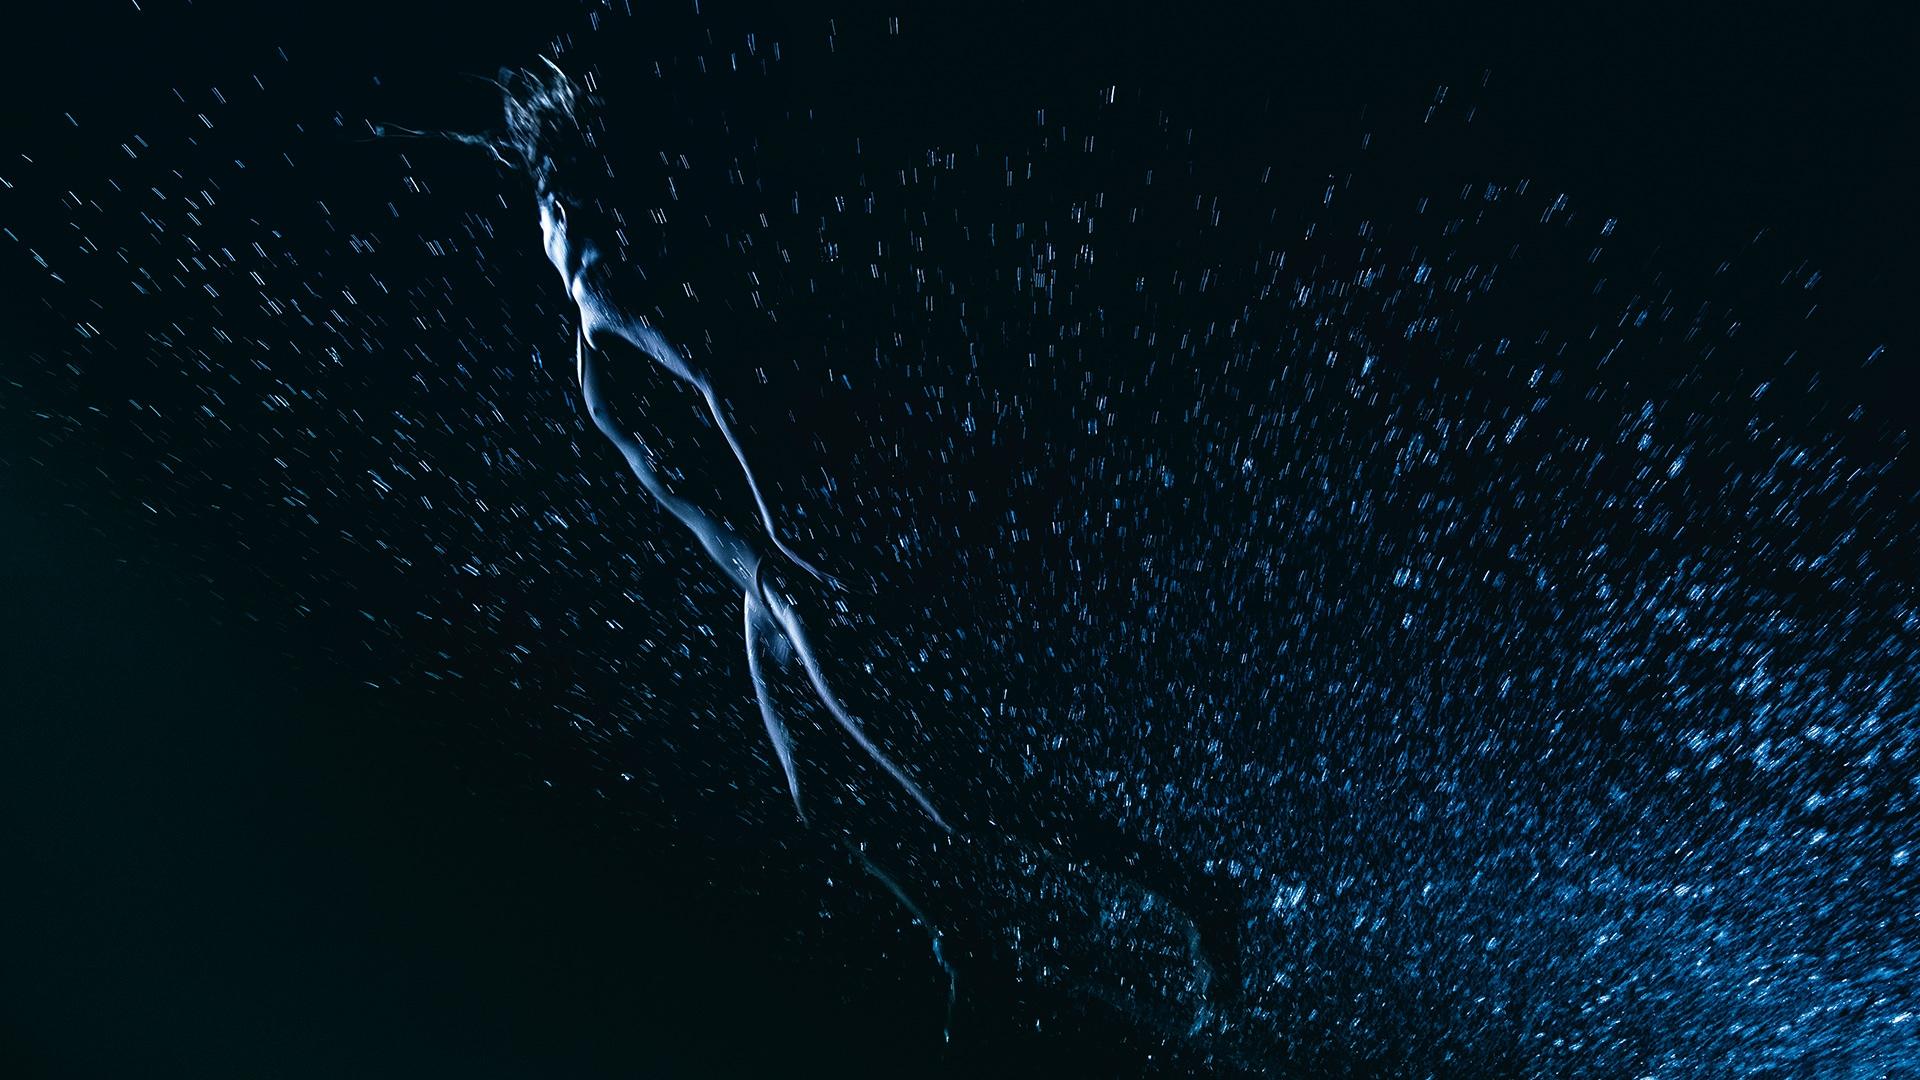 Abstraktna slika ženske, ki plava pod gladino morja